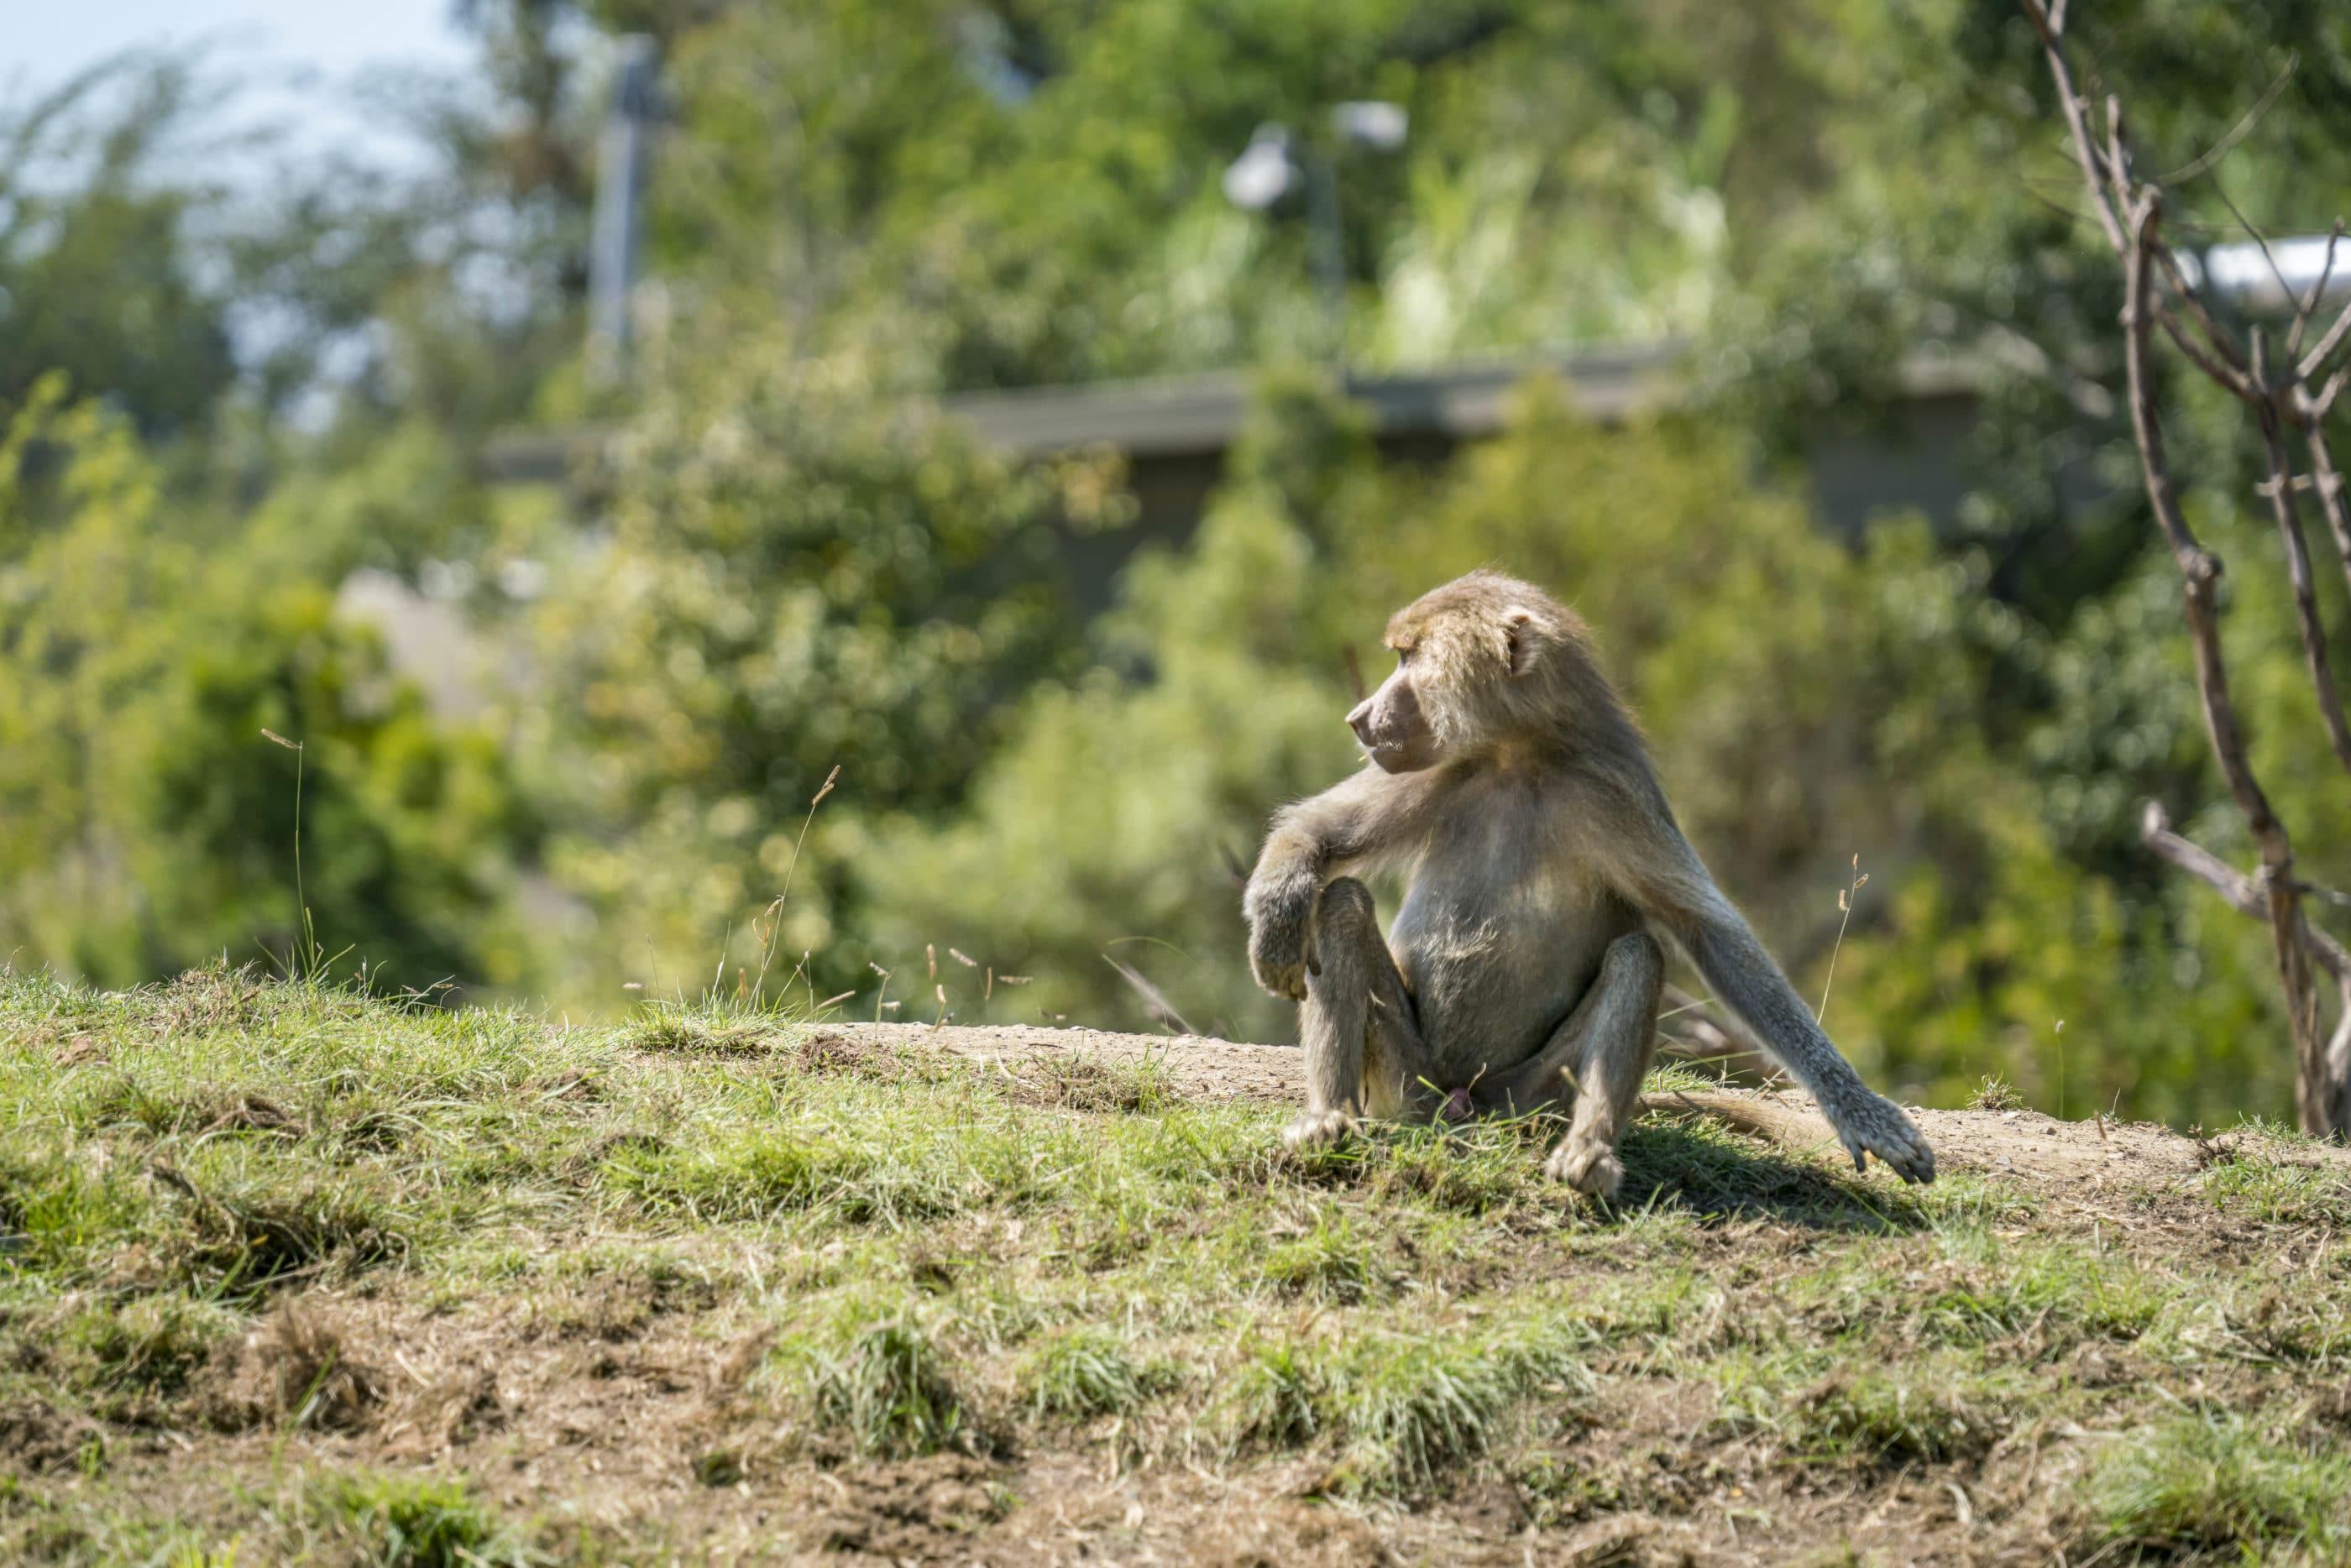 Un chimpanzé est assis dans l'herbe au zoo de San Diego.